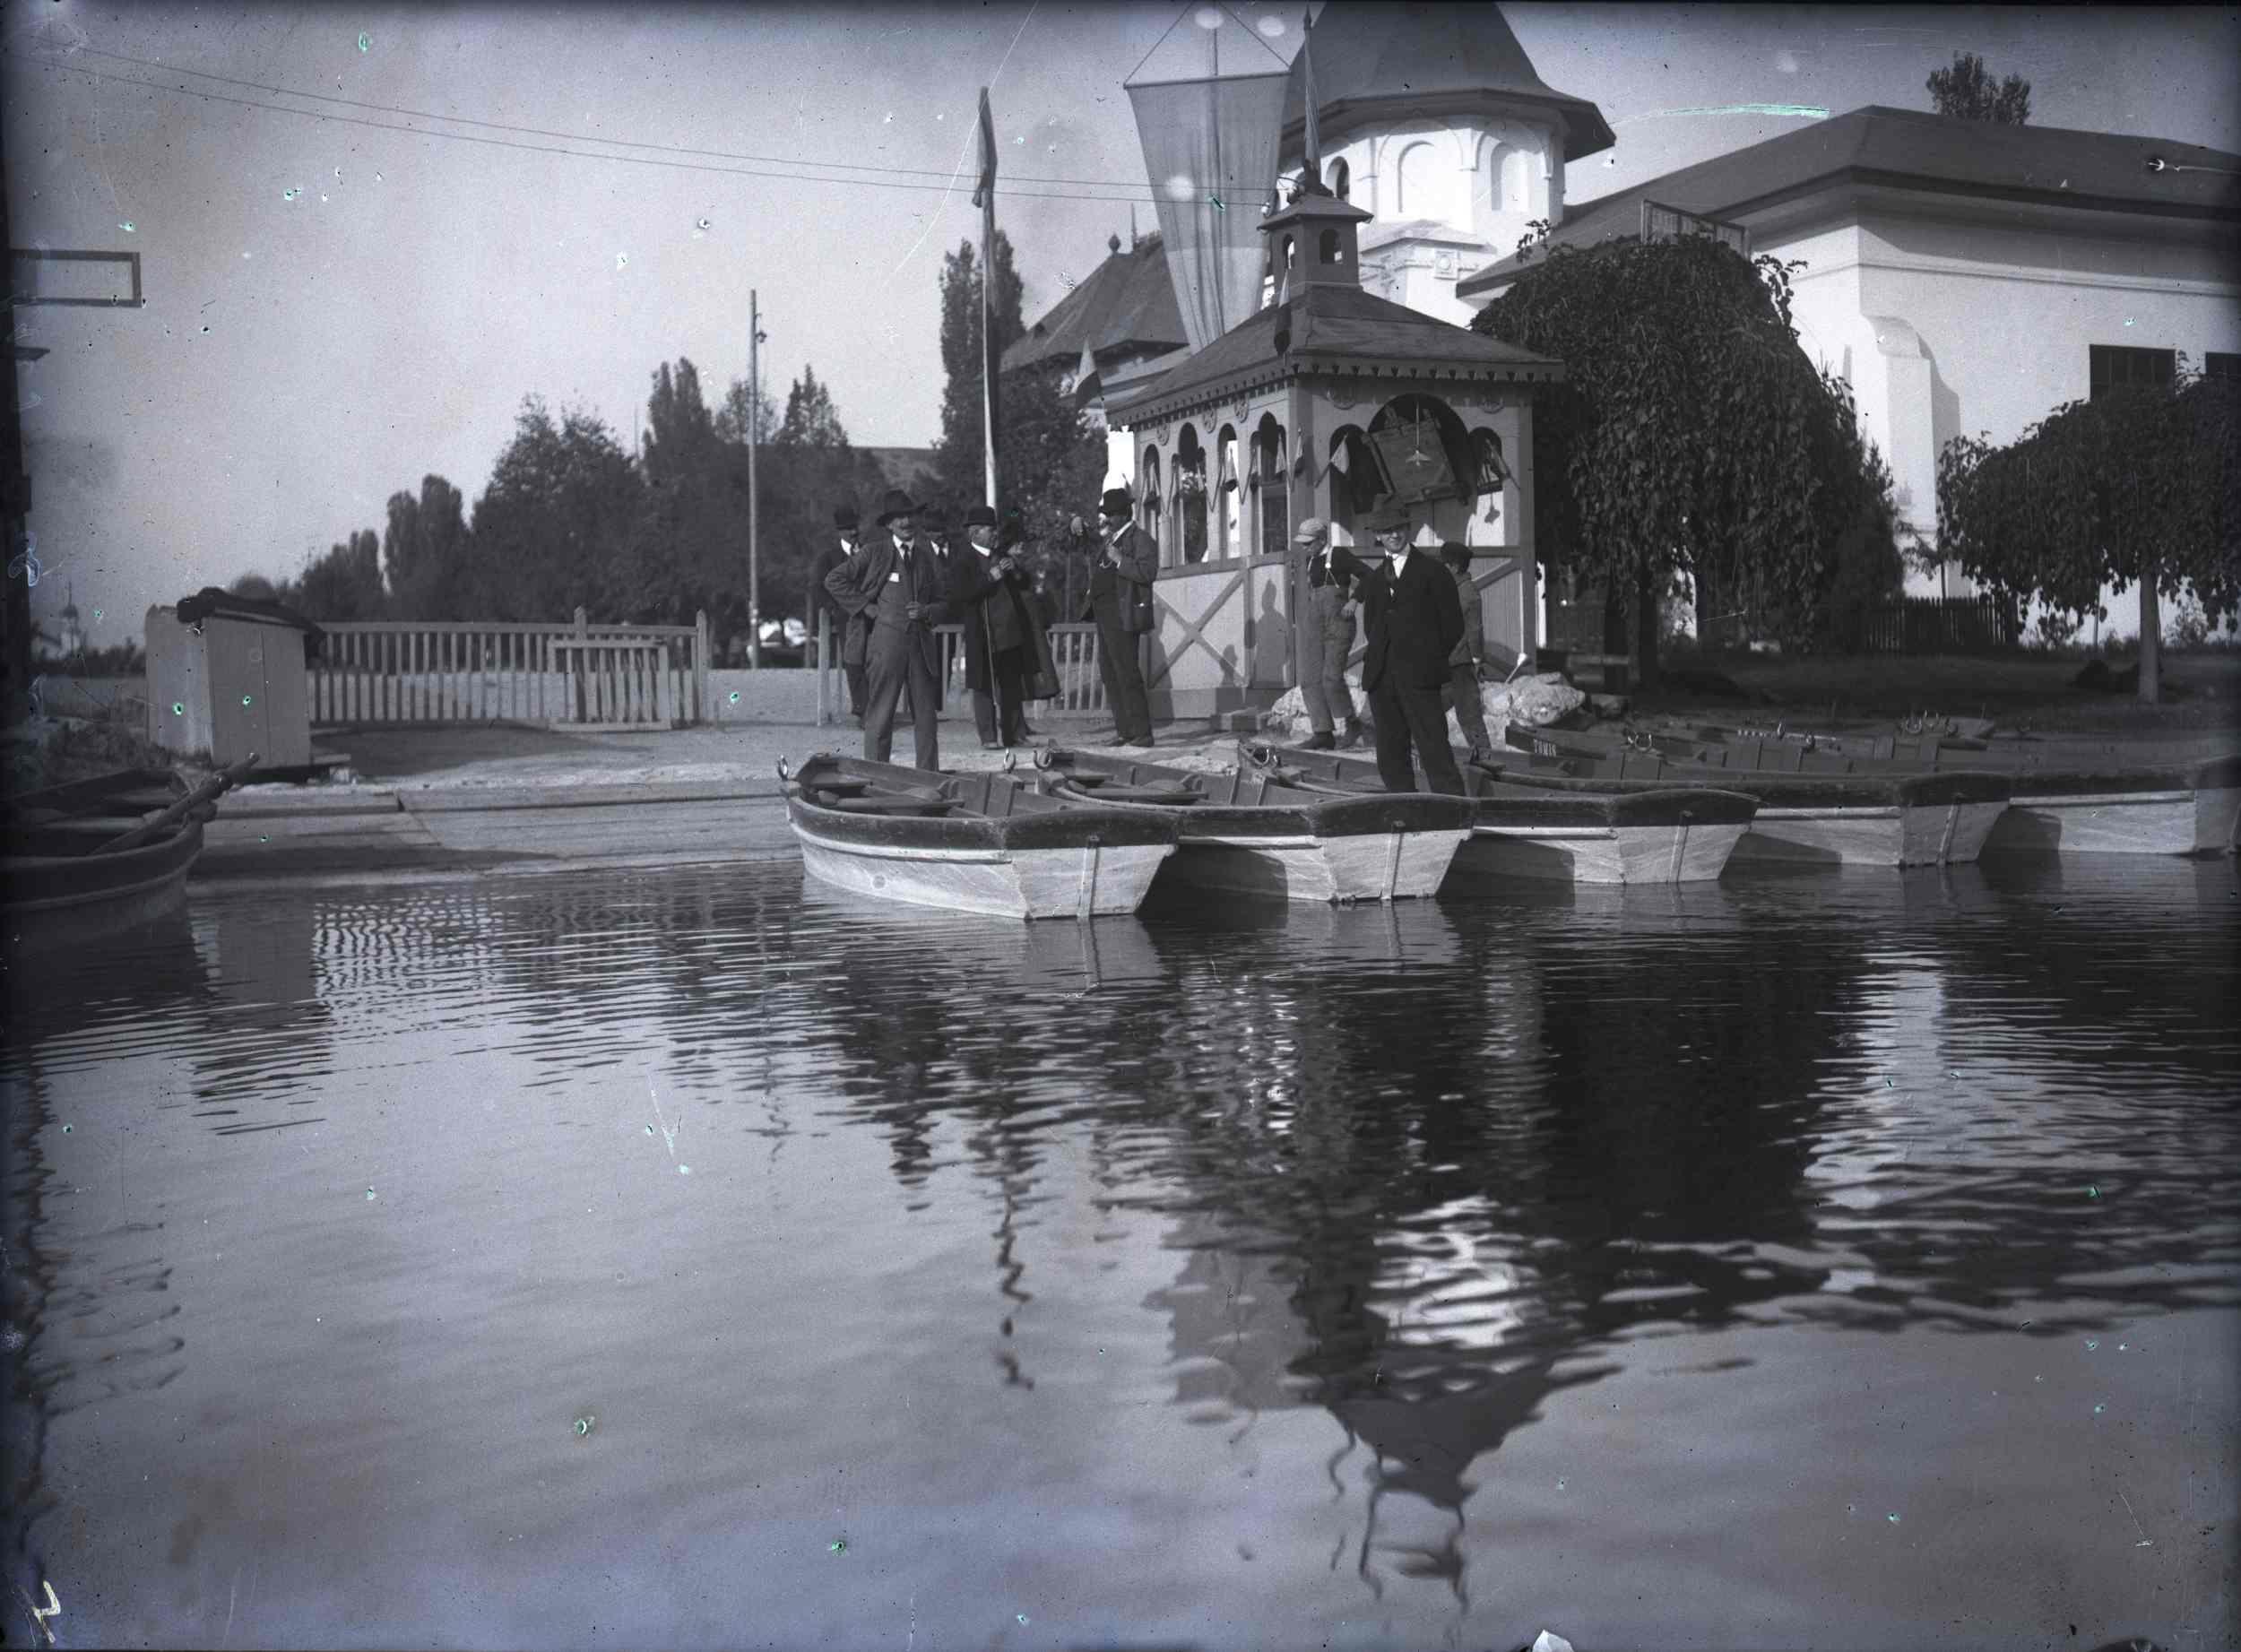 Grup de persoane la debarcader, în dreptul Pavilionului Societății Astra-Arad; pe fundal, în partea dreaptă, se poate observa Poarta cea Mare